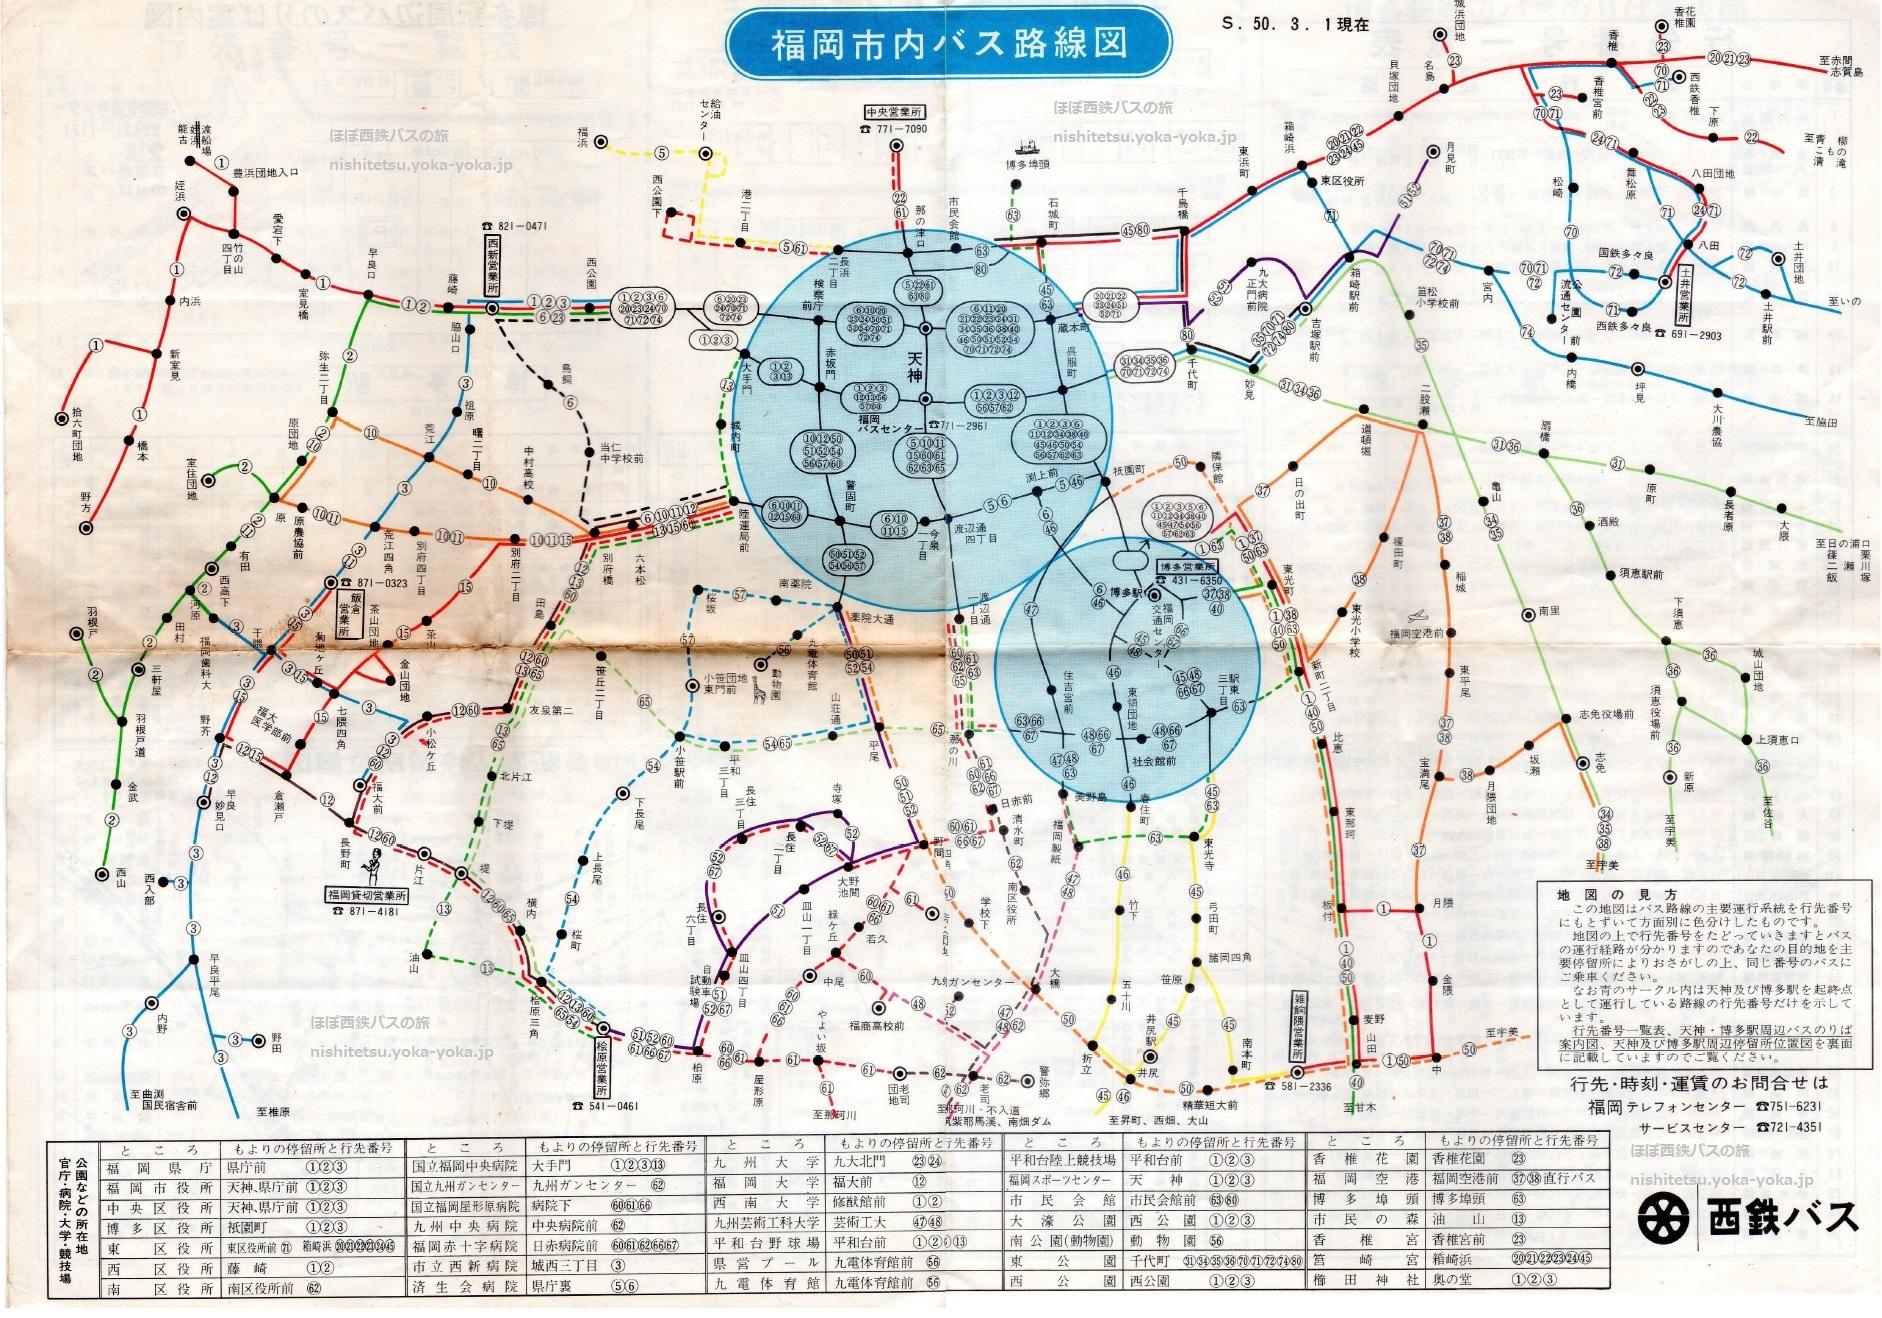 西鉄バス路線図昭和50年3月